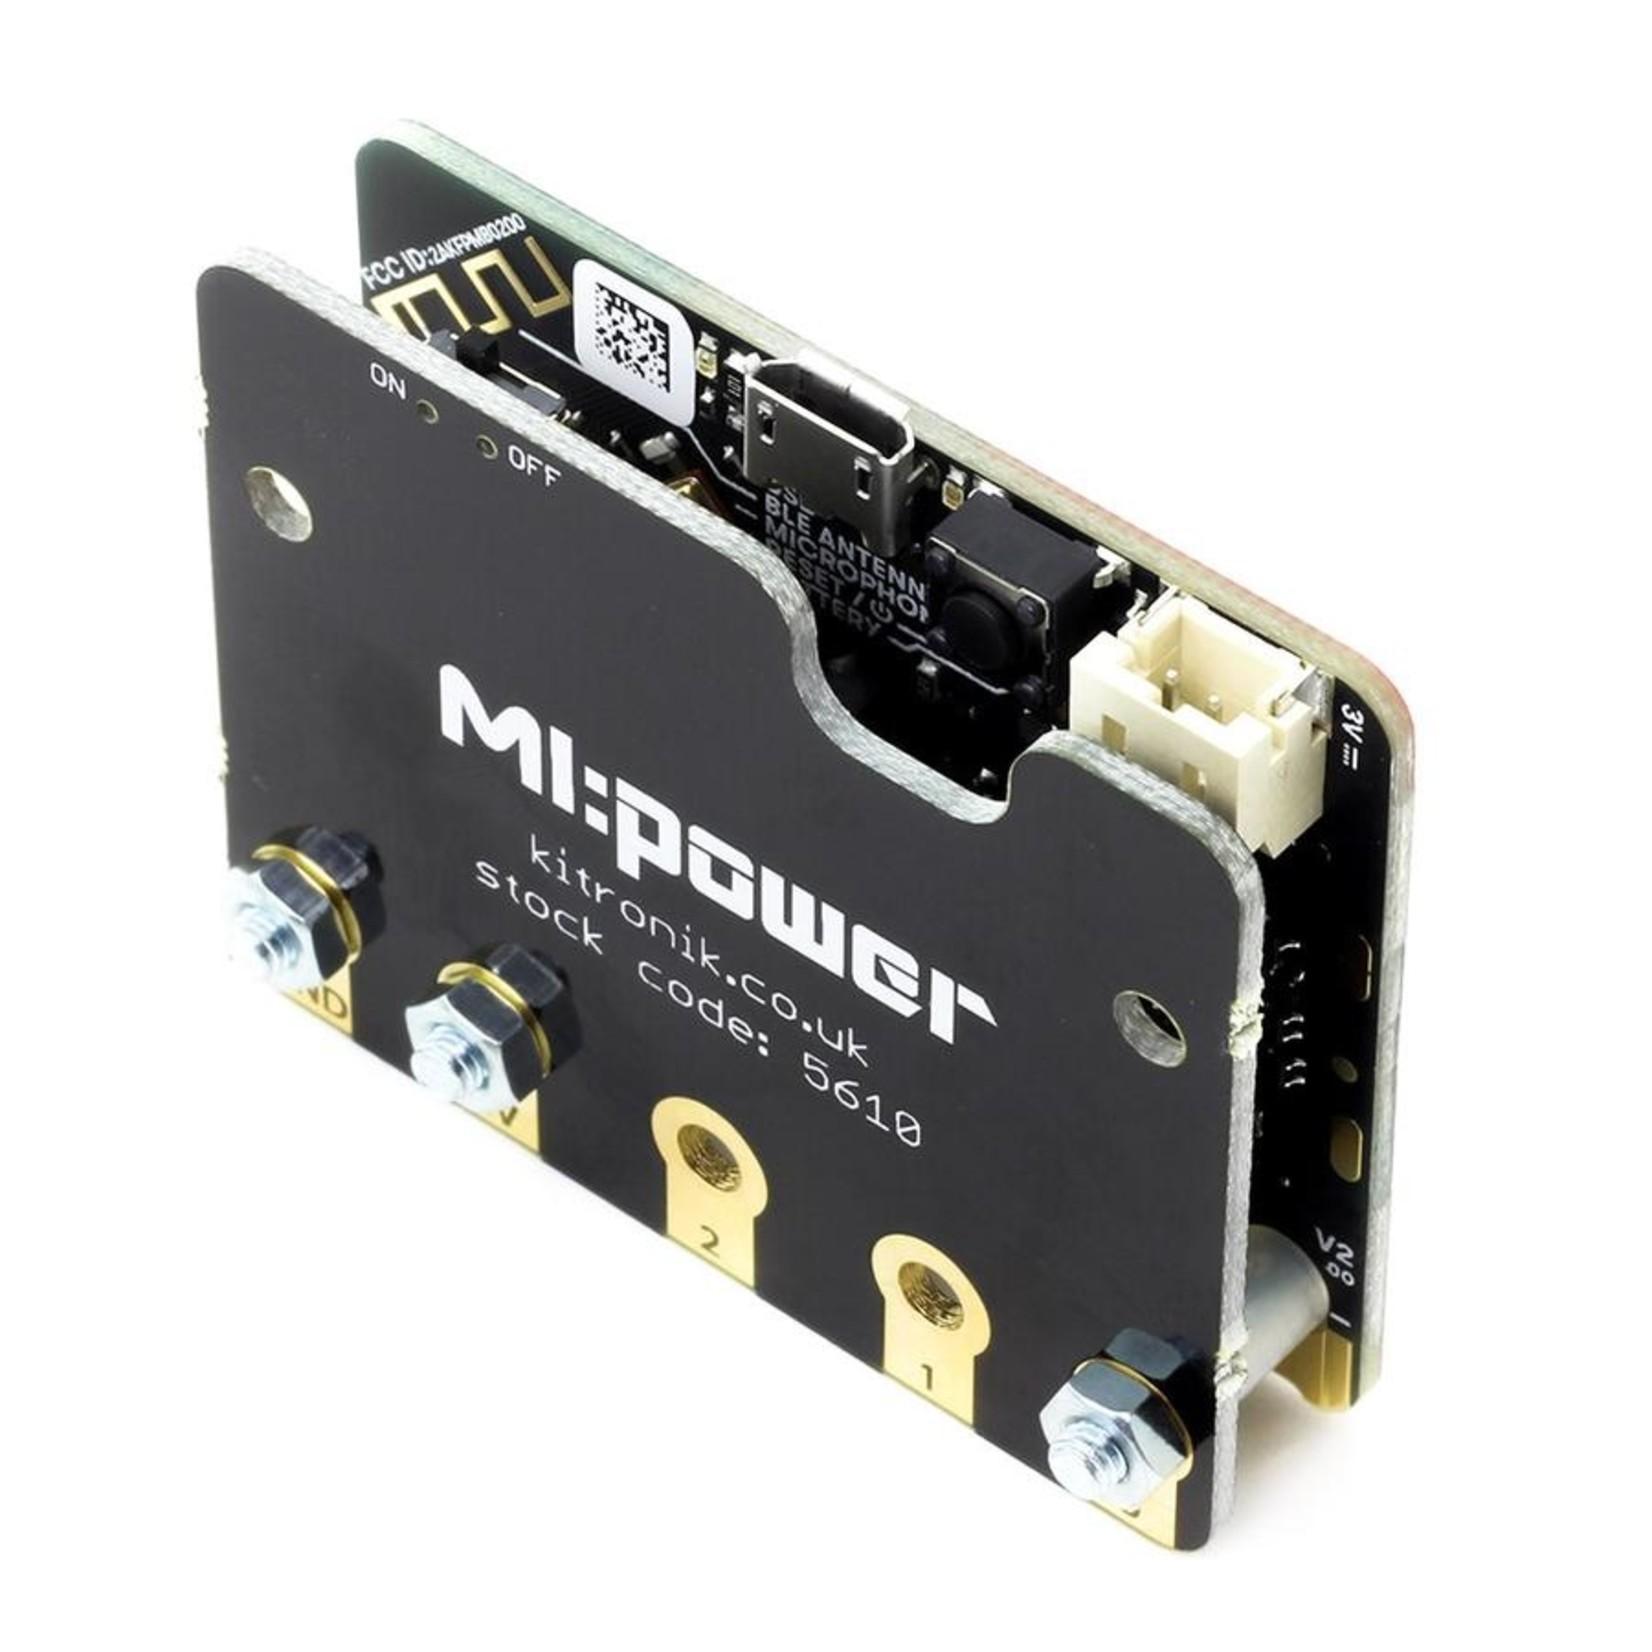 Kitronik MI:power board for the BBC micro:bit V2